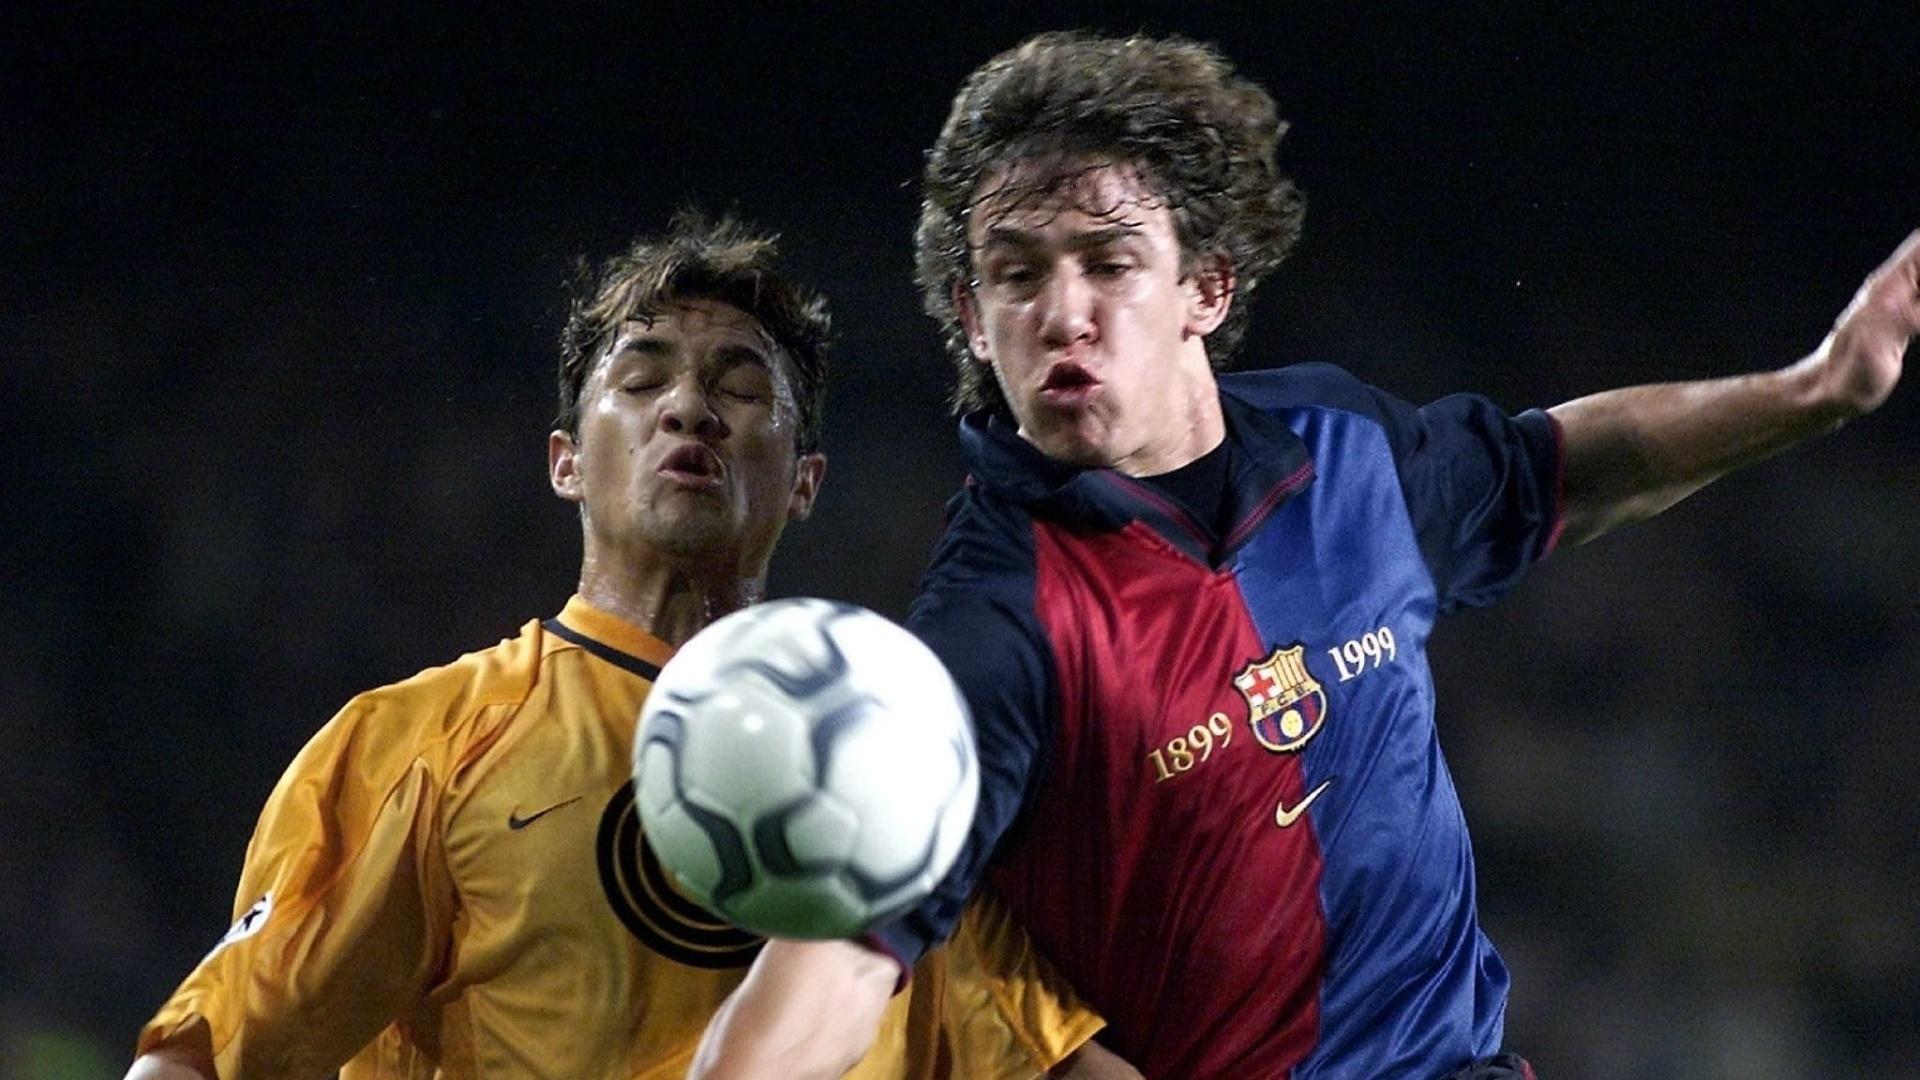 Alex Alves, do Hertha Berlim, disputa bola com o espanhol Puyol, do Barcelona, em um jogo da Liga dos Campeões